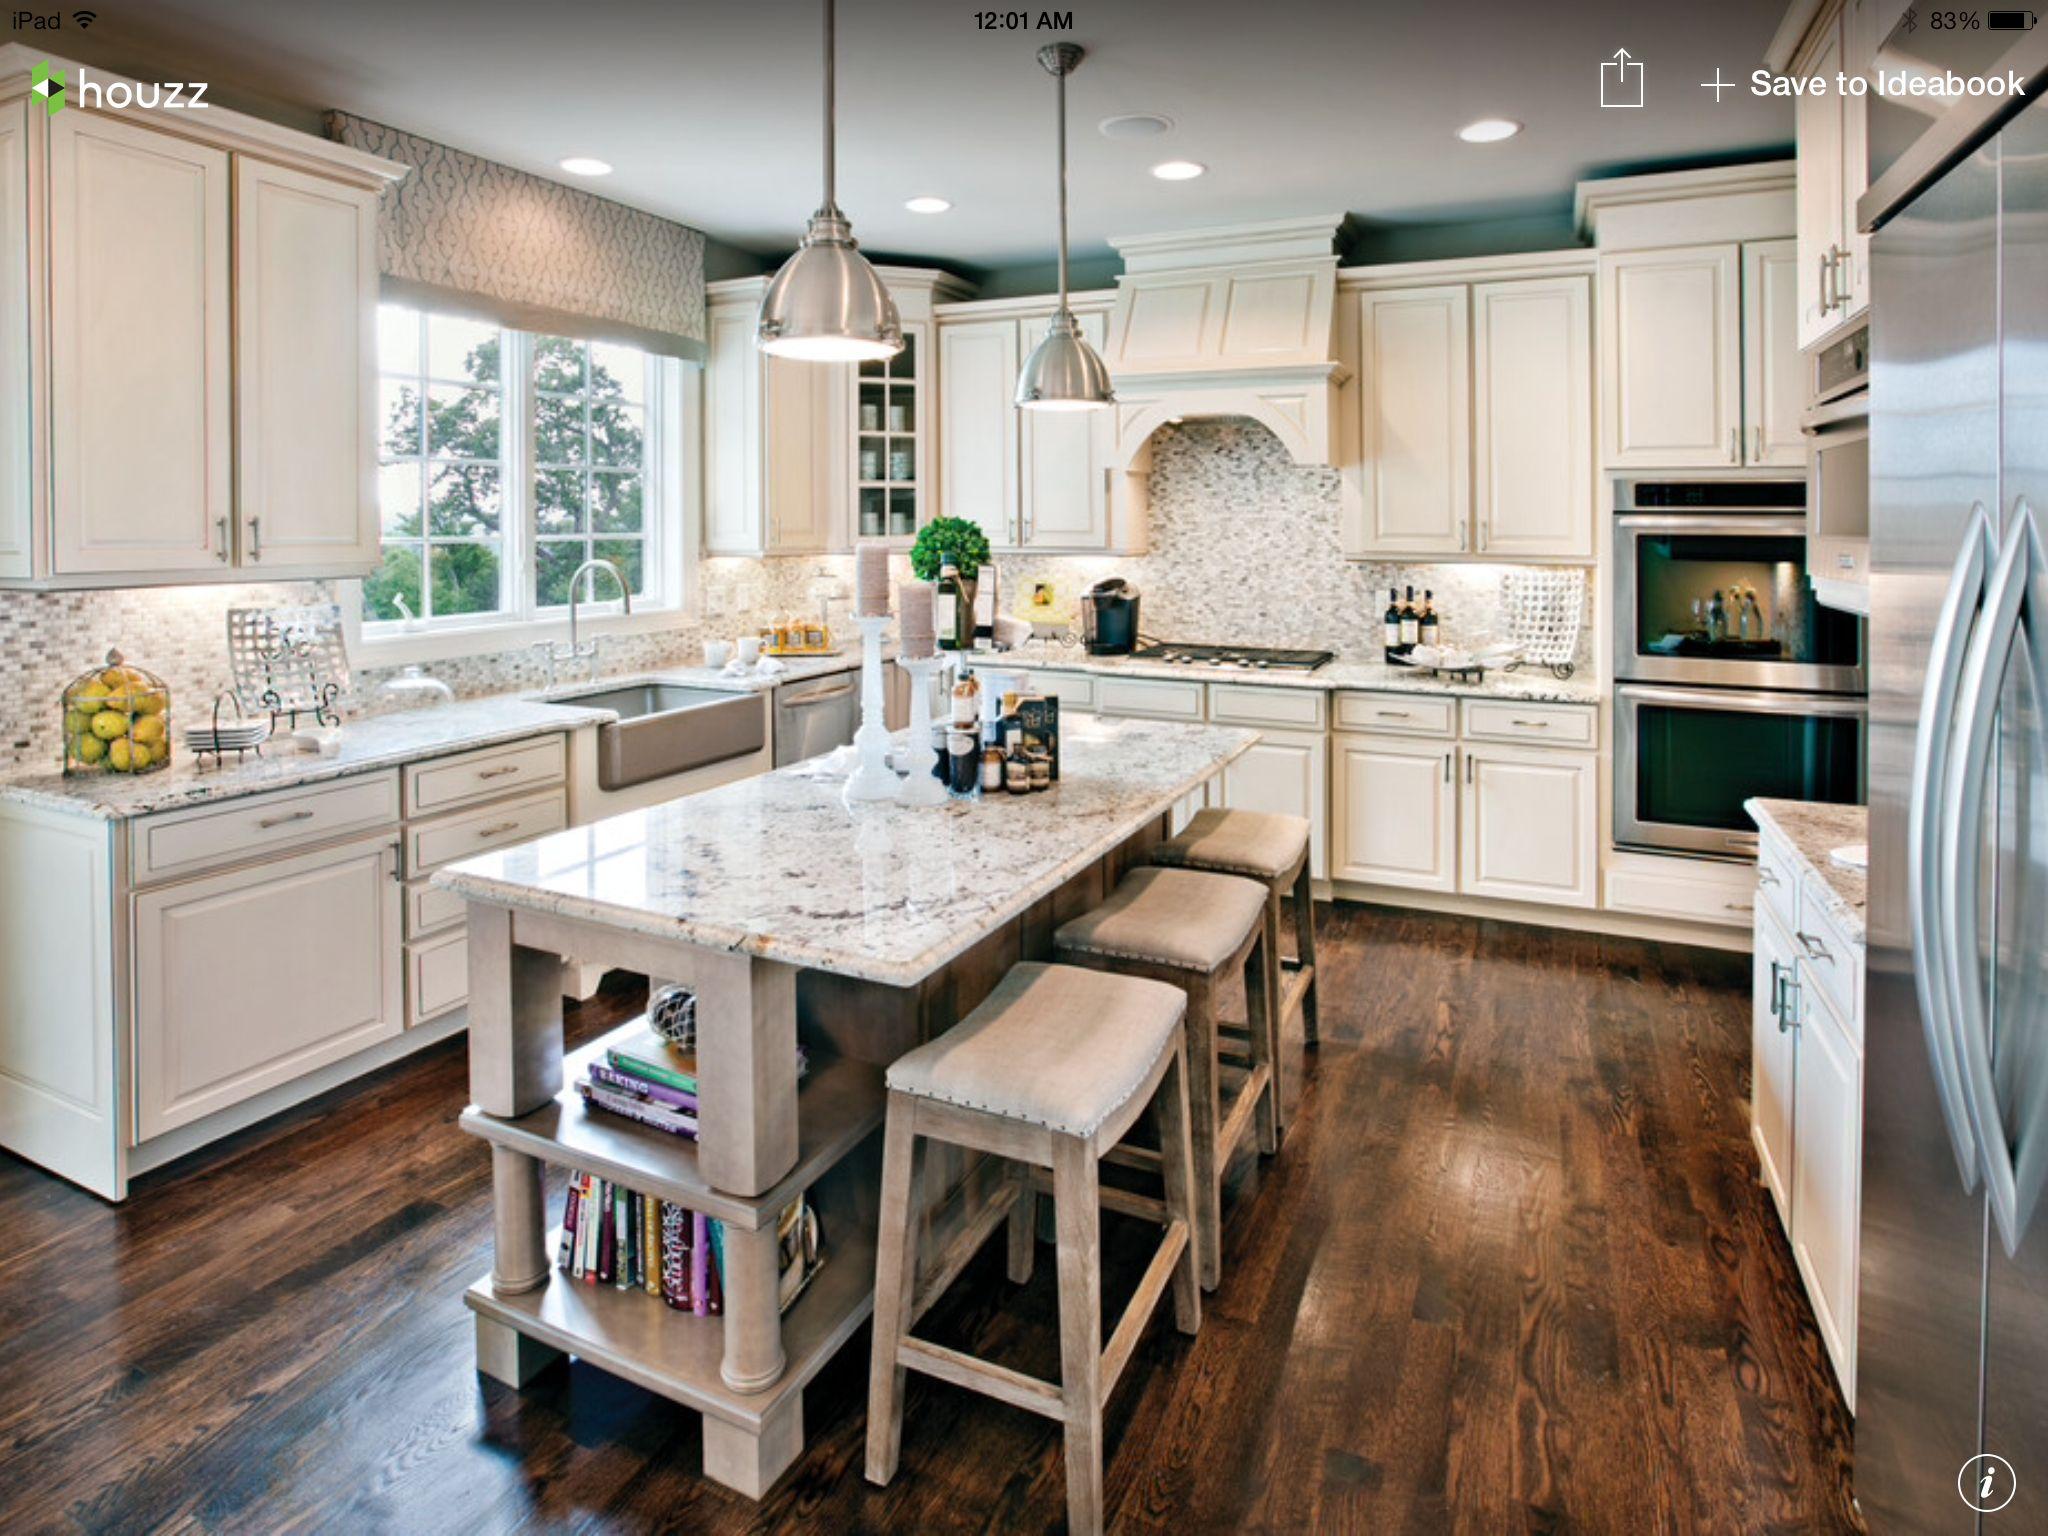 Wide Plank Hardwood Floors White Cabinets Light Granite Countertops Houzz Mutfak